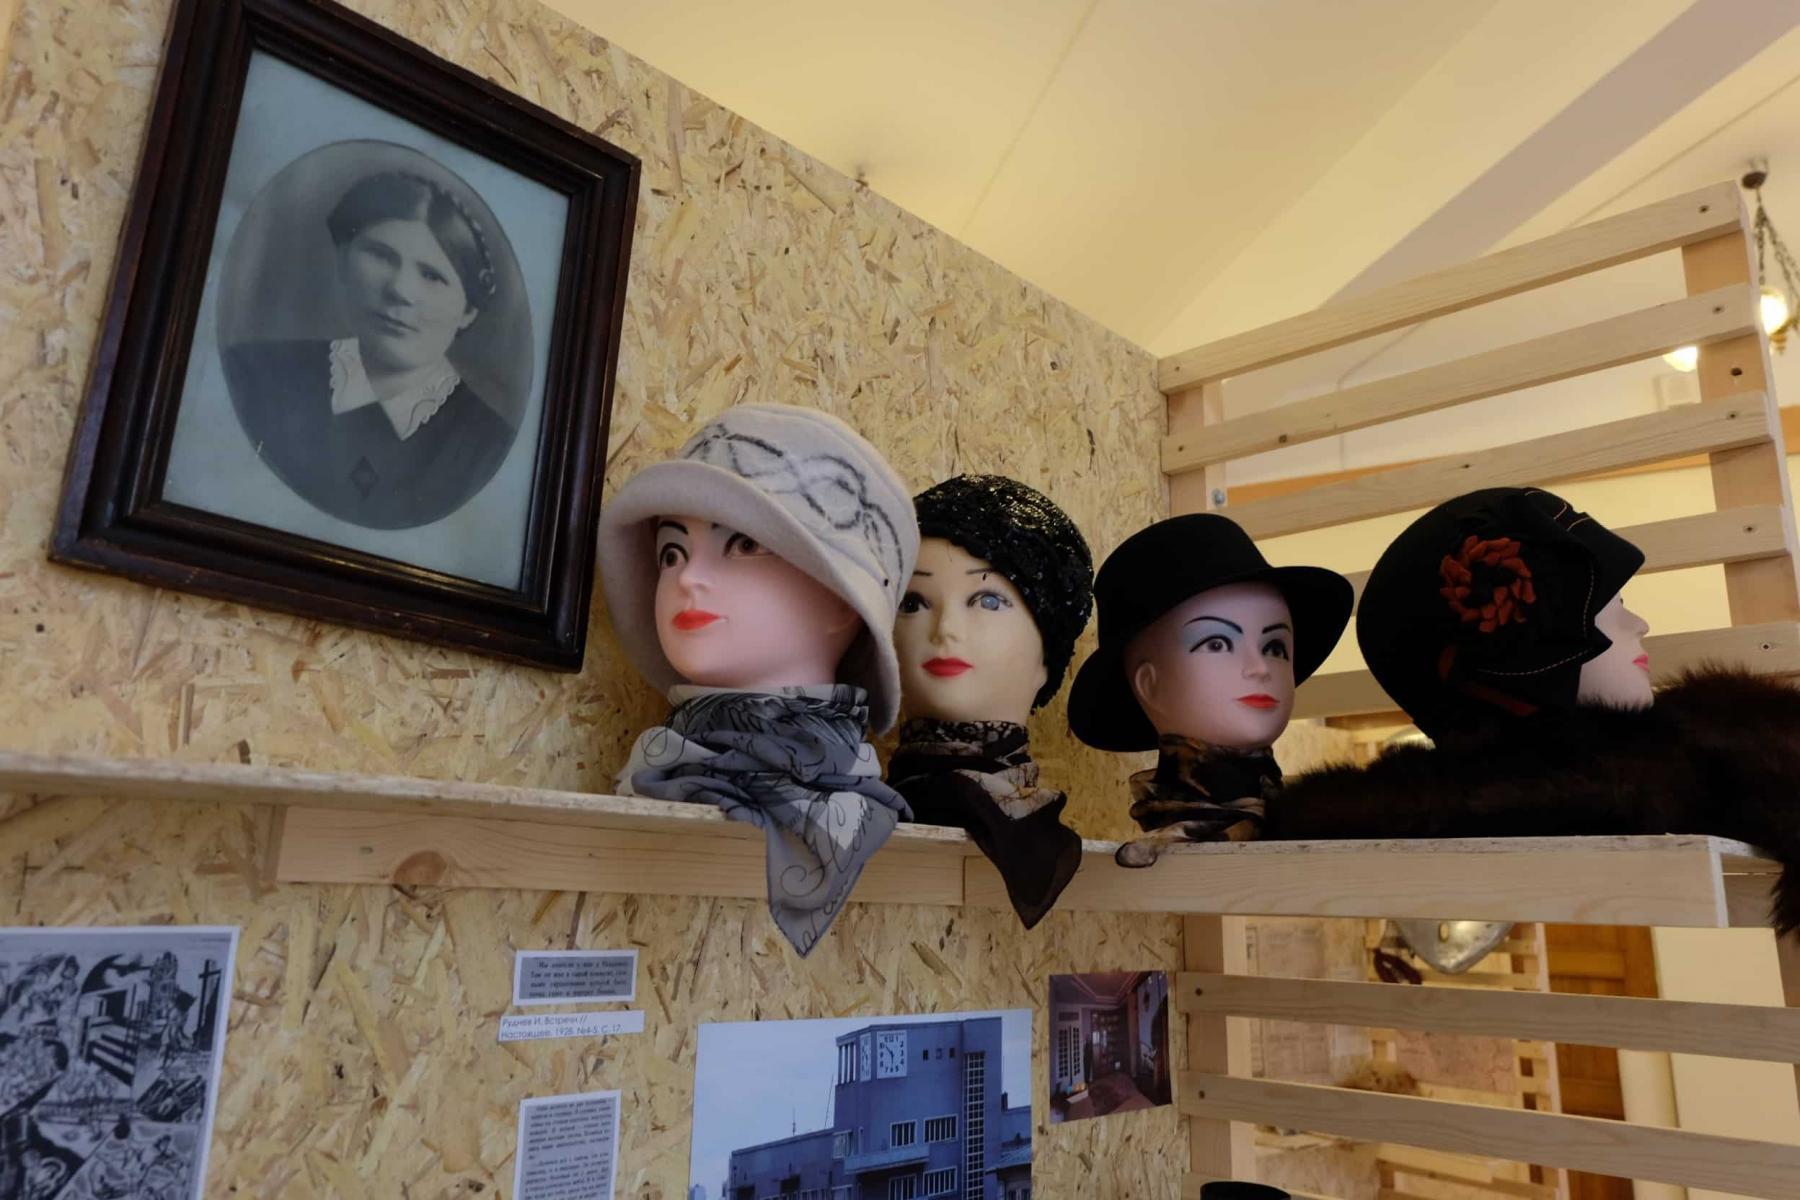 фото Свободный вход на выставку-фестиваль «Конструктивизм Здесь!» продлится до 9 апреля в Новосибирске 3